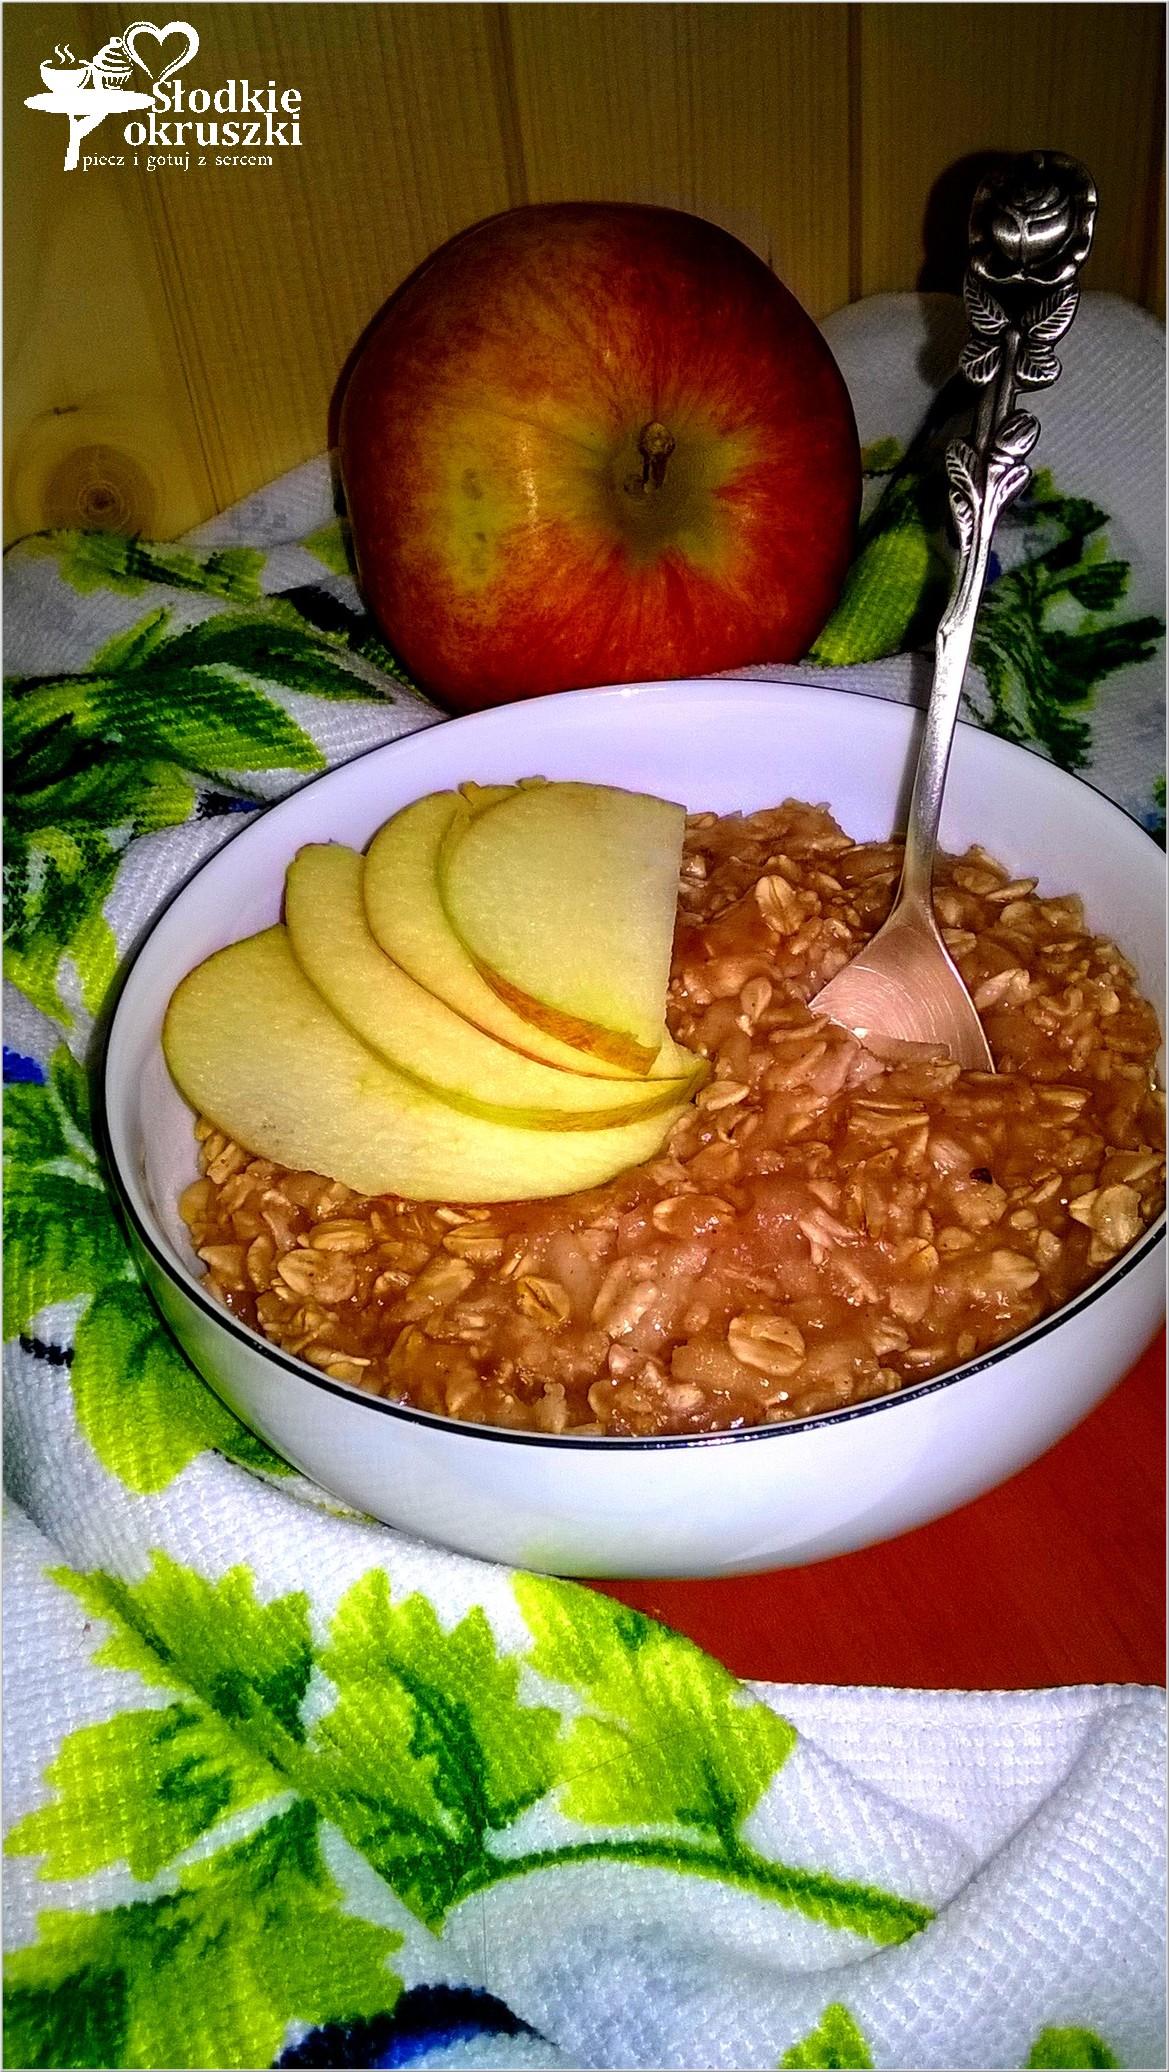 Pyszna jabłkowa owsianka z olejem kokosowym